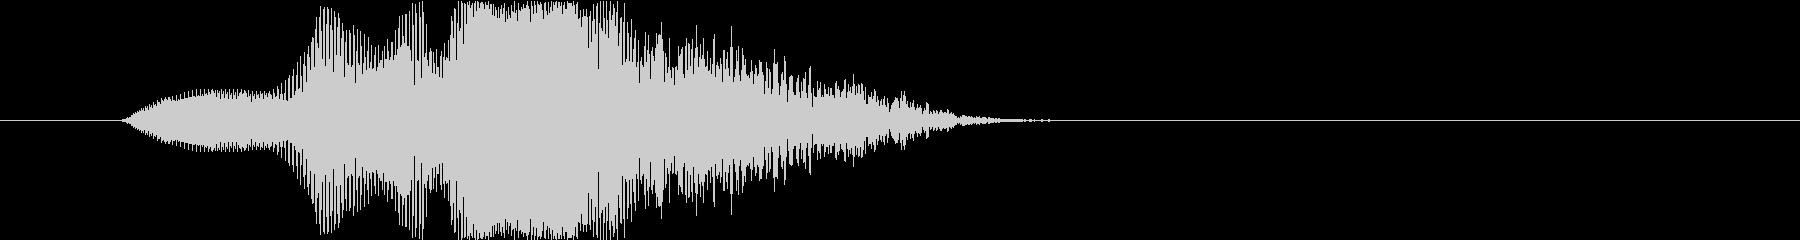 ホエー(おもしろ、気の抜けた)の未再生の波形